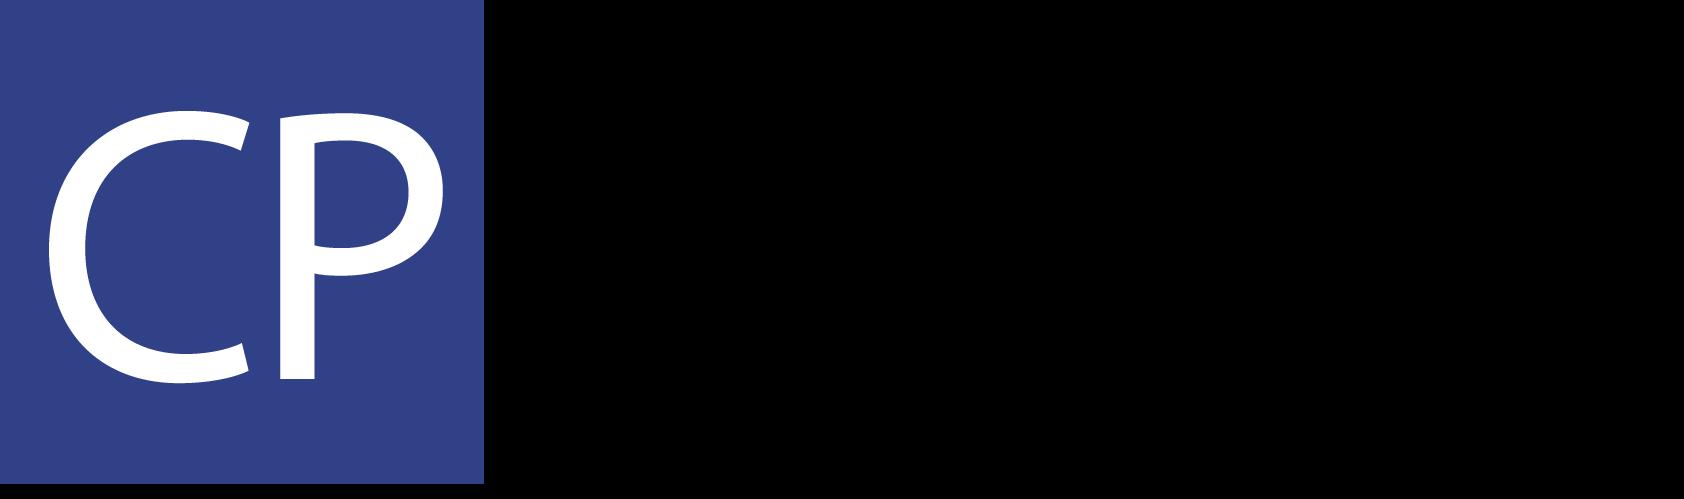 CP-Analitika Kft